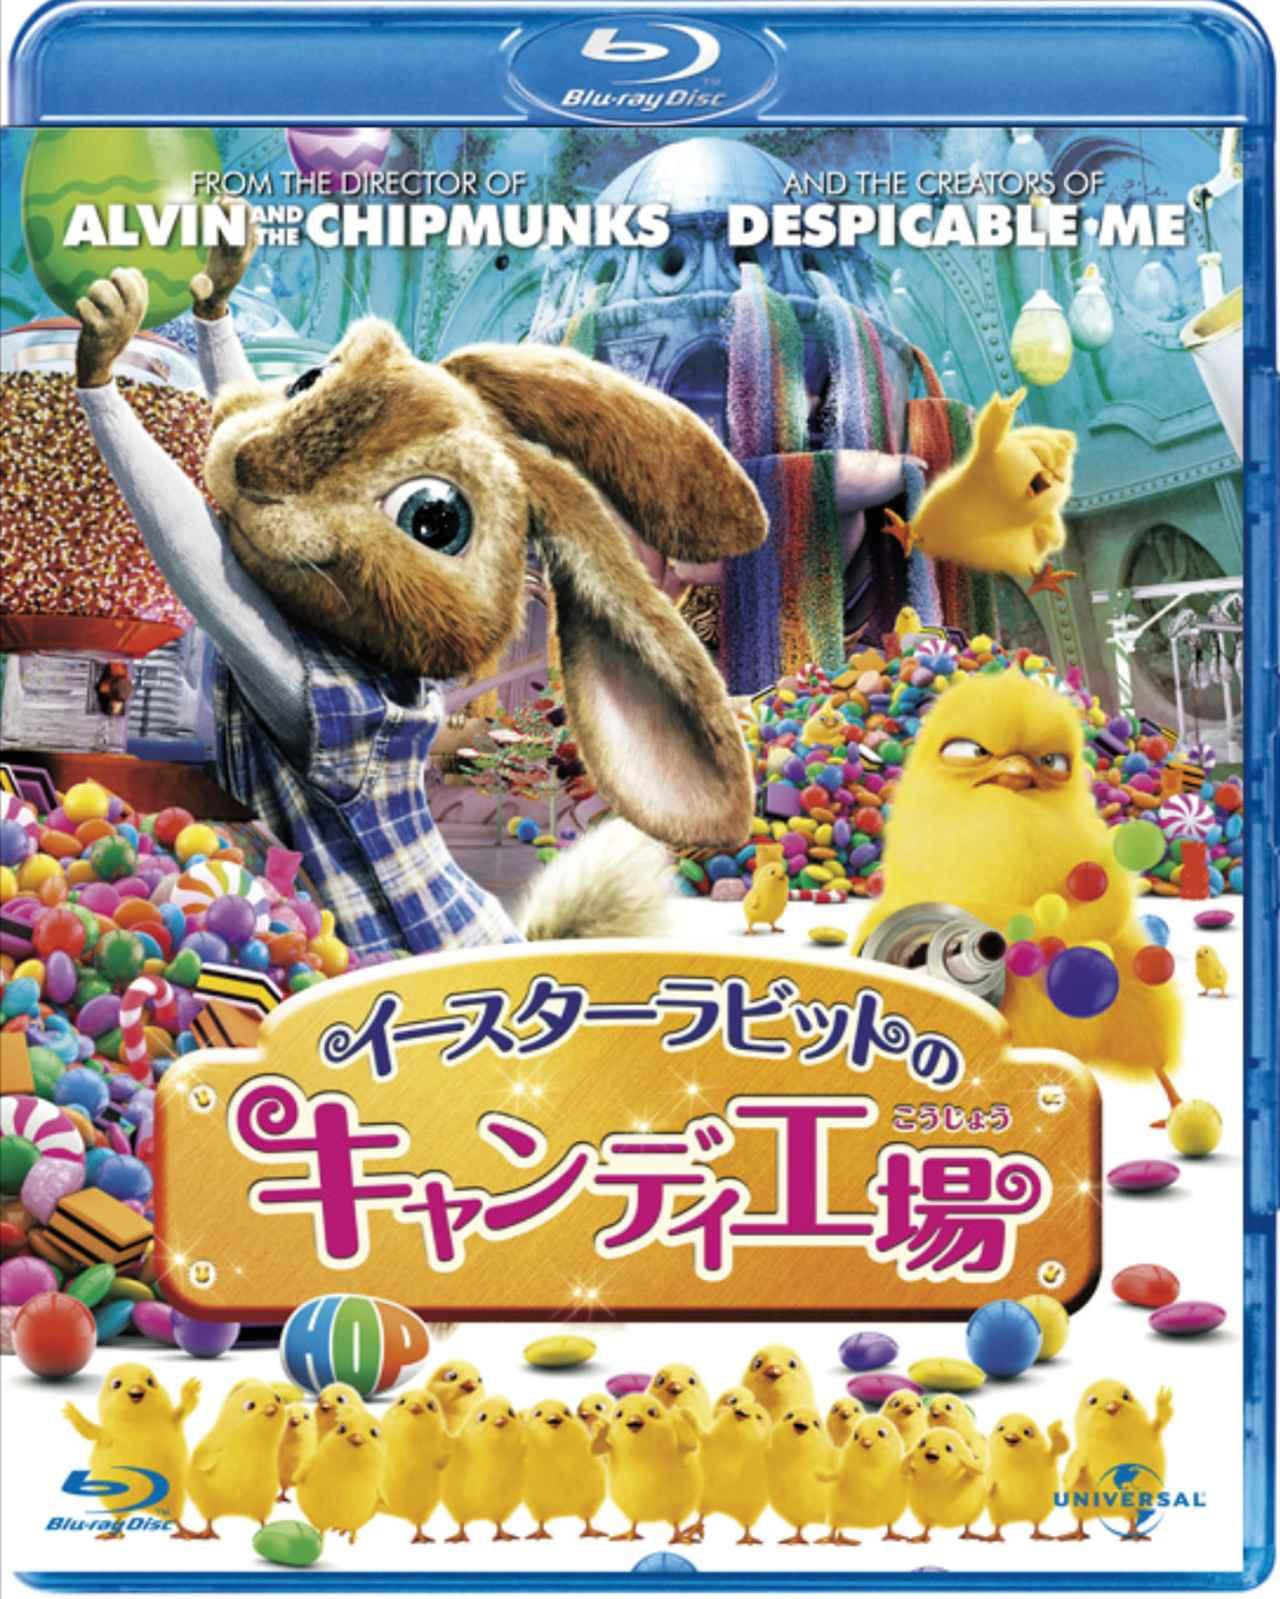 画像: 「イースターラビットのキャンディ工場」 (Blu-ray¥1886+税、DVD¥1429+税) © 2012 Universal Studios. All Rights Reserved.